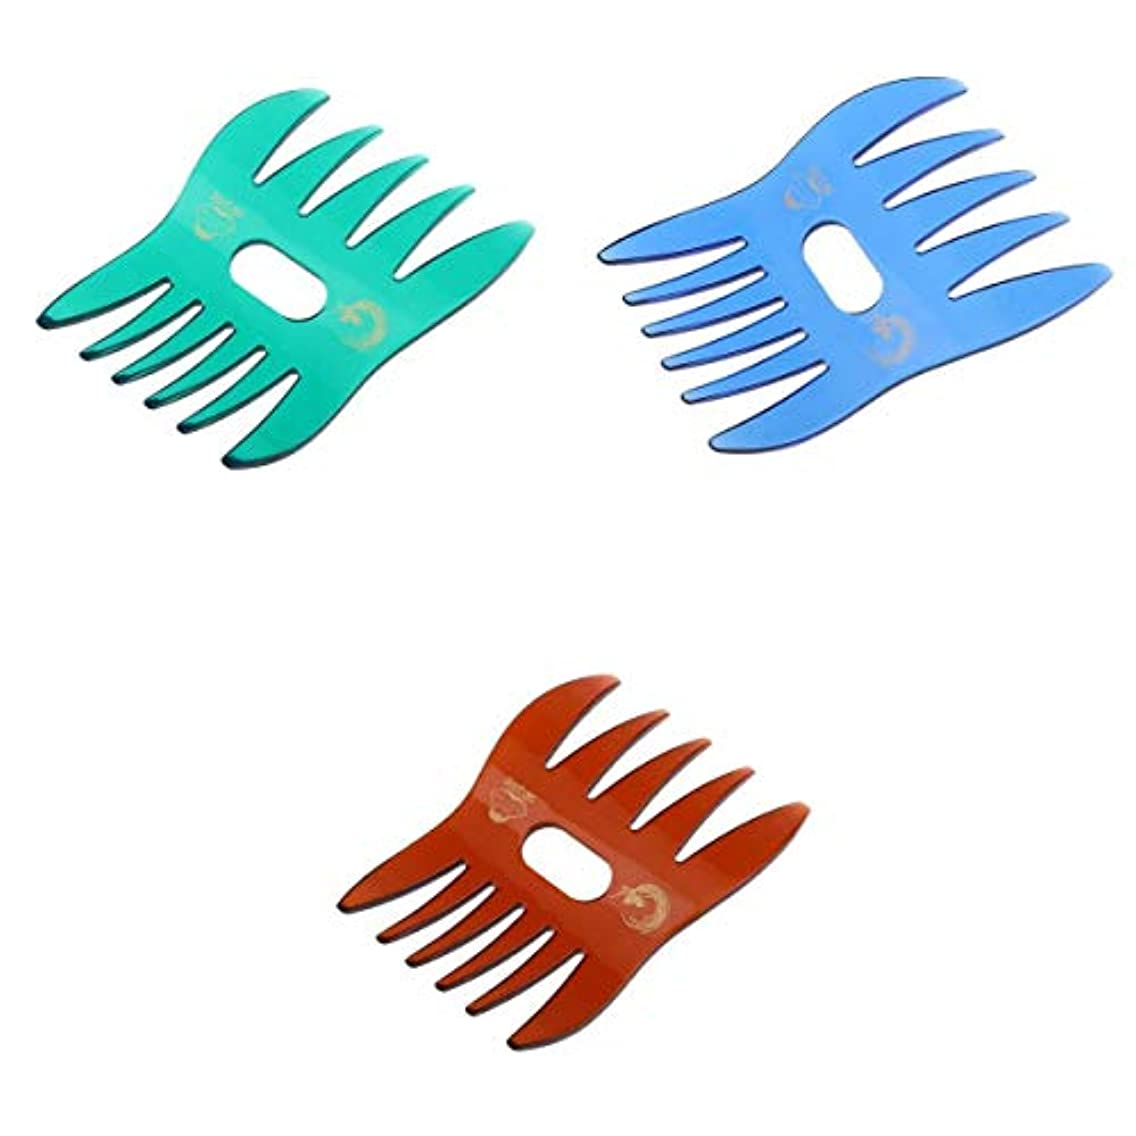 構成するスカイ虚偽櫛 ヘアコーム コーム ヘア櫛 静電気防止 粗歯 頭皮マッサージ オイルヘアスタイル